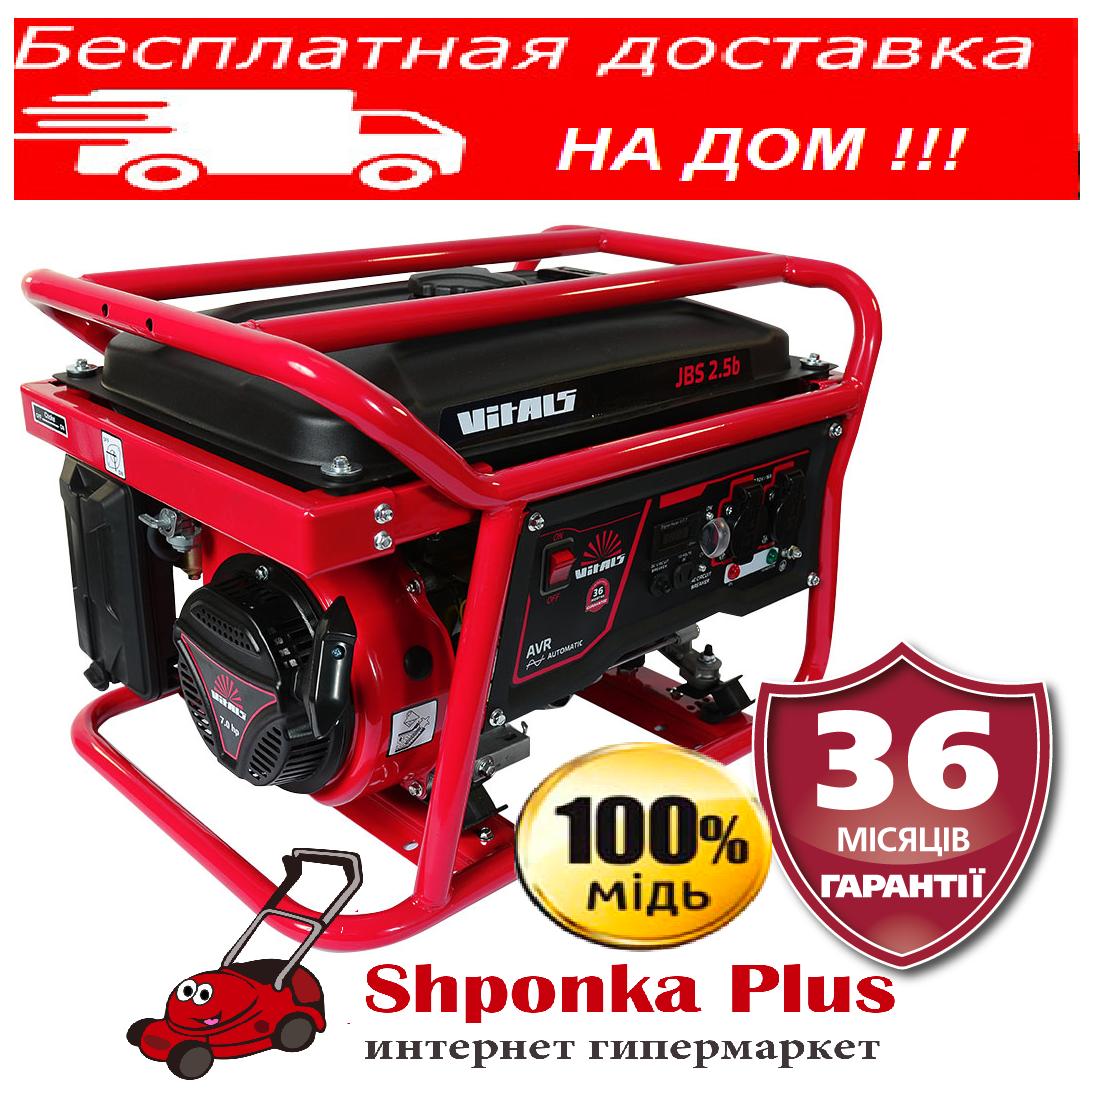 Генератор бензиновый 2,8 кВт Латвия  Vitals JBS 2.5b